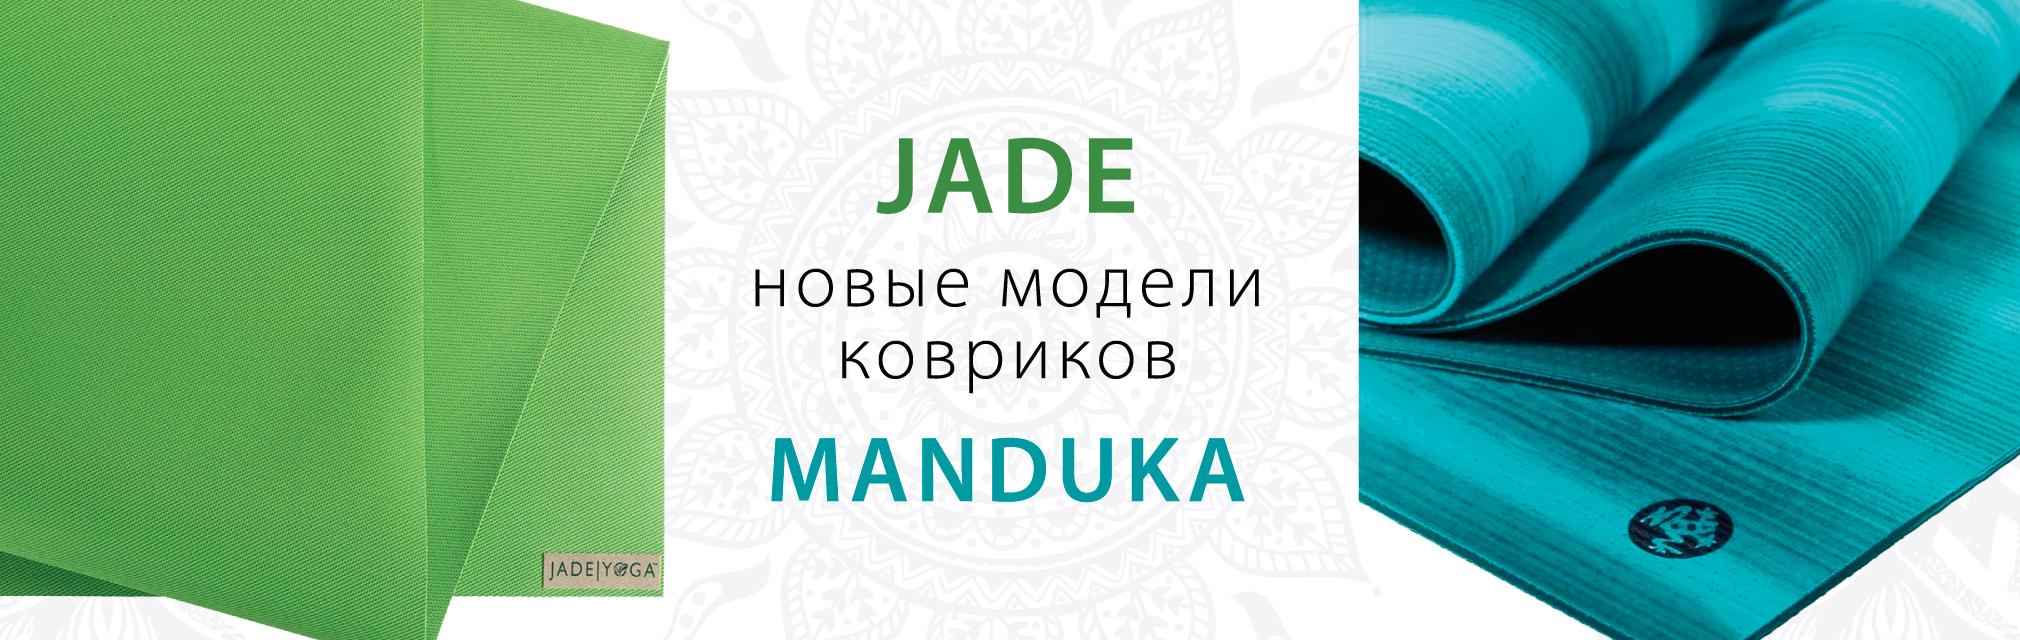 Новые модели ковриков Manduka и Jade